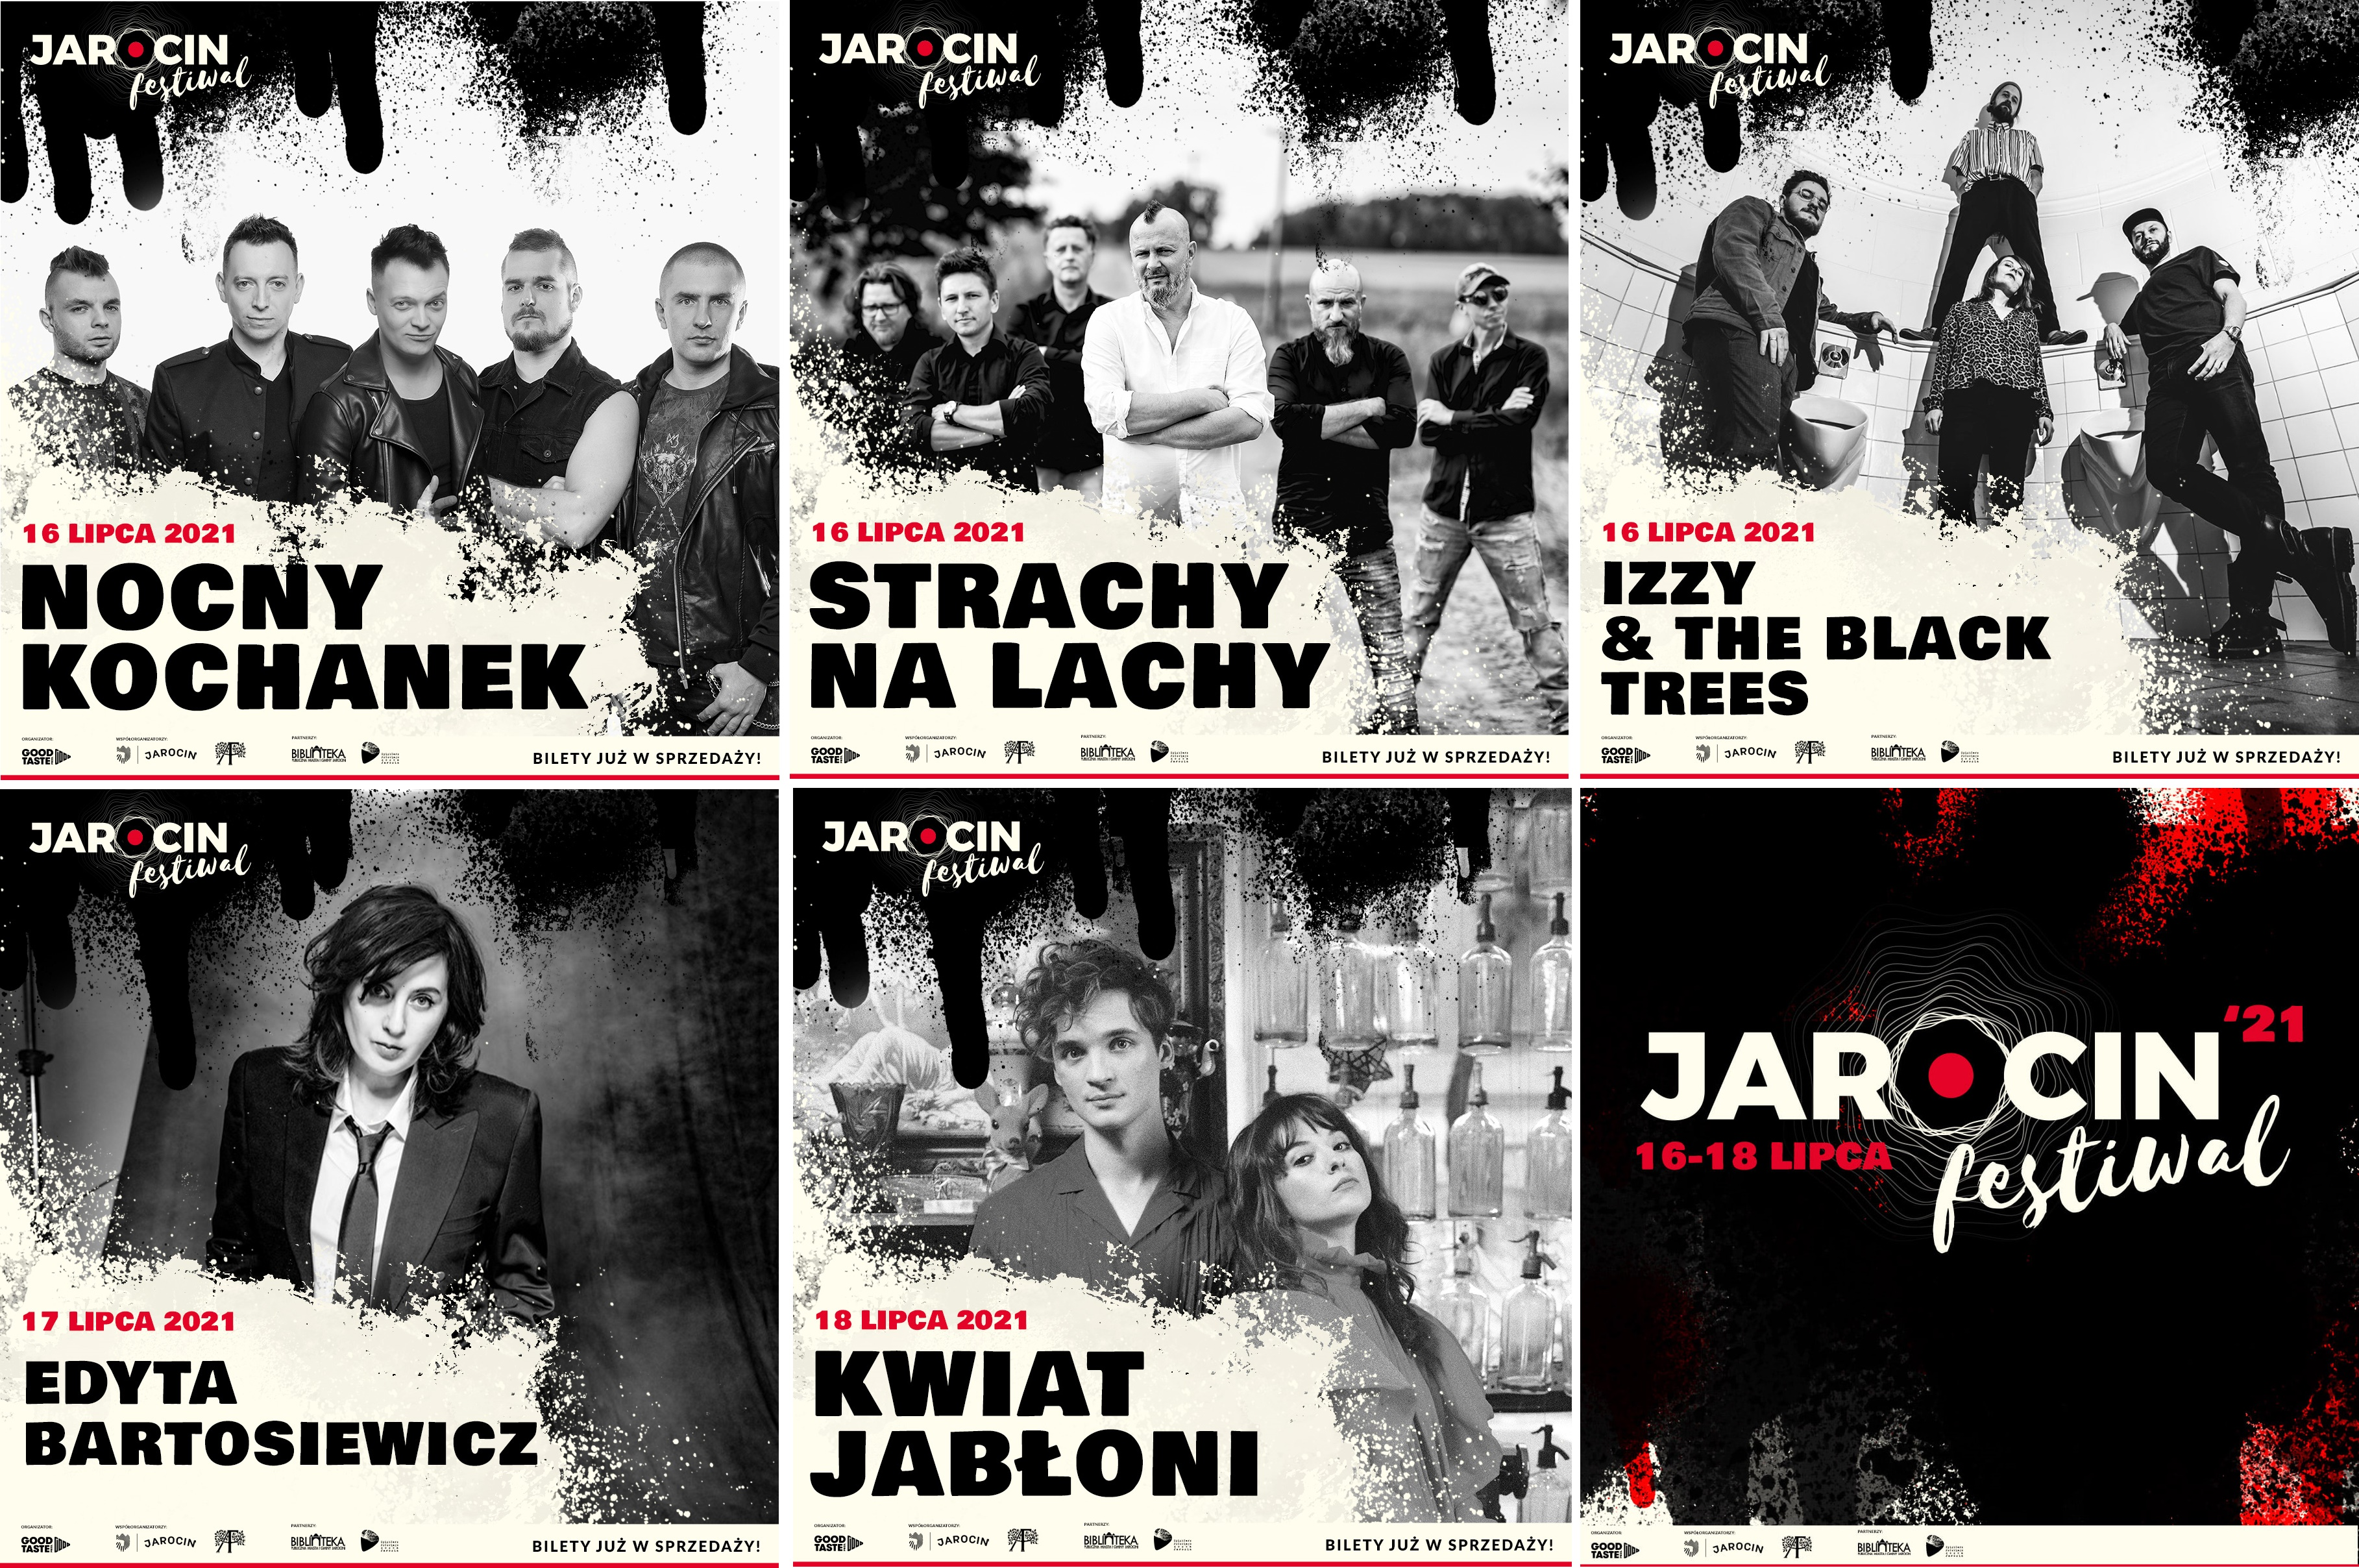 Jarocin Festiwal 2021 – znamy kolejnych artystów :)